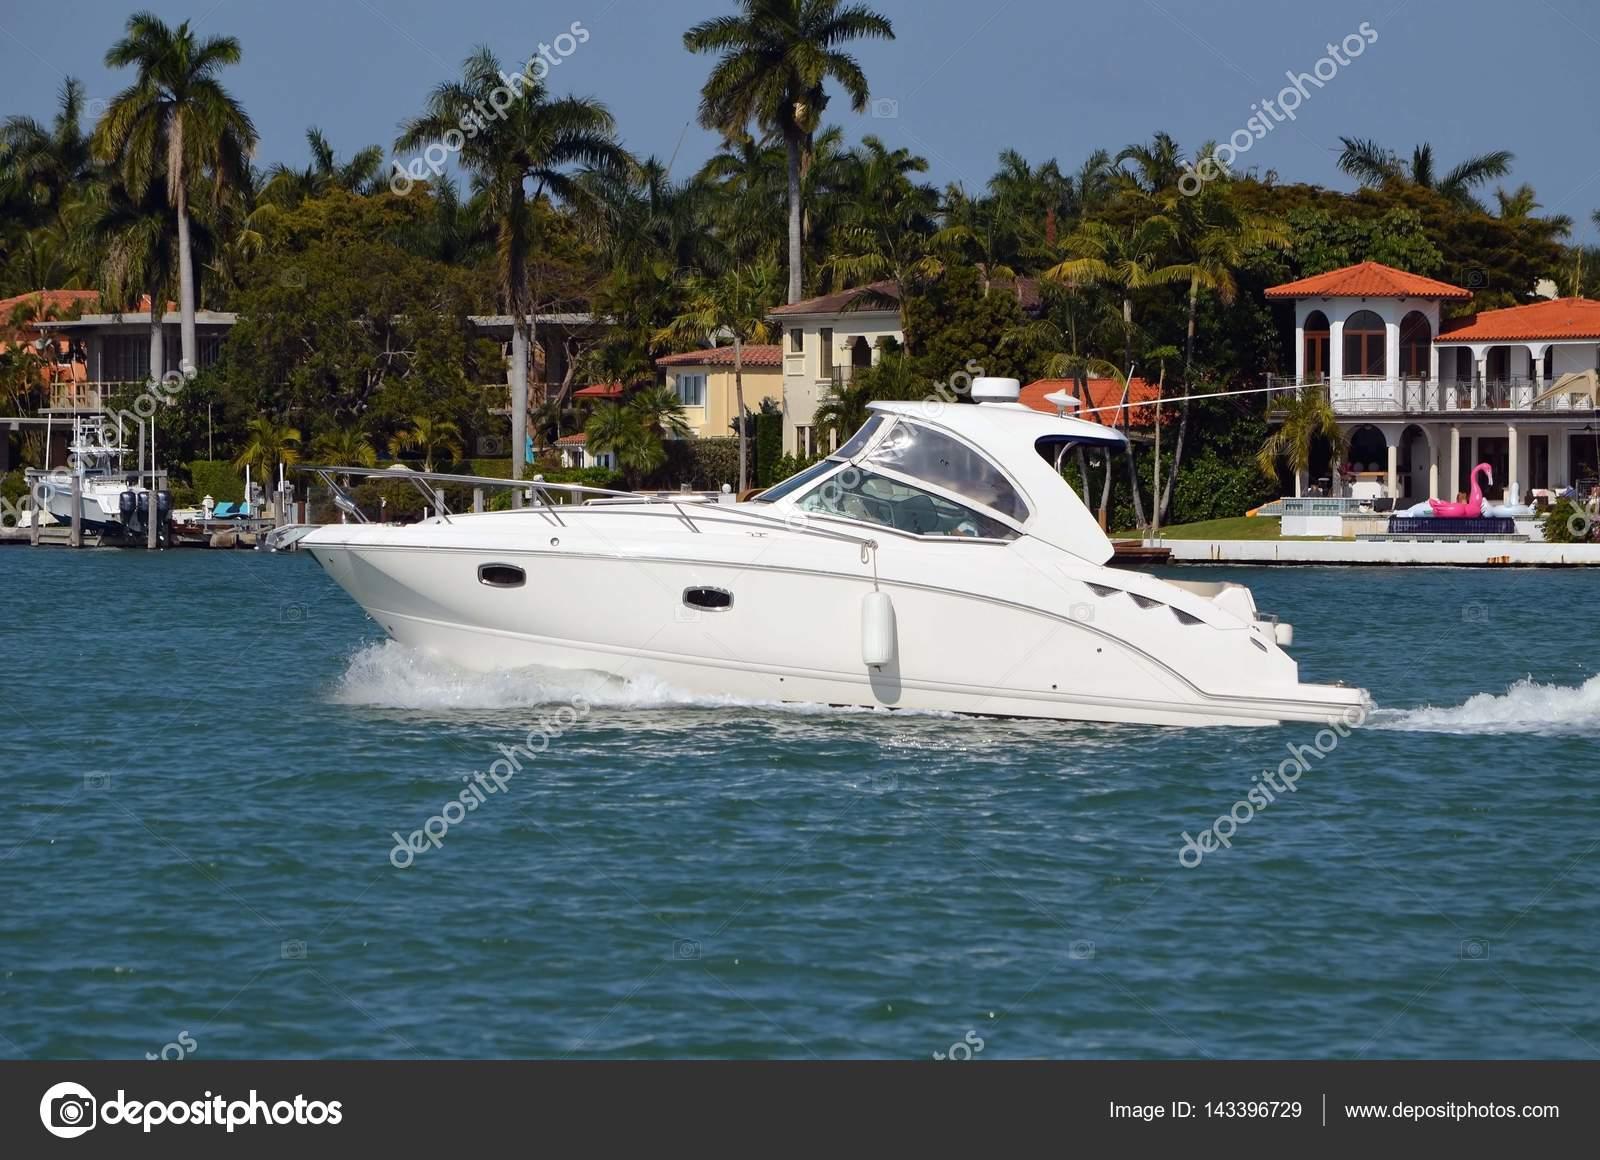 Upscale Cabin Cruiser On The Florida Intra Coastal